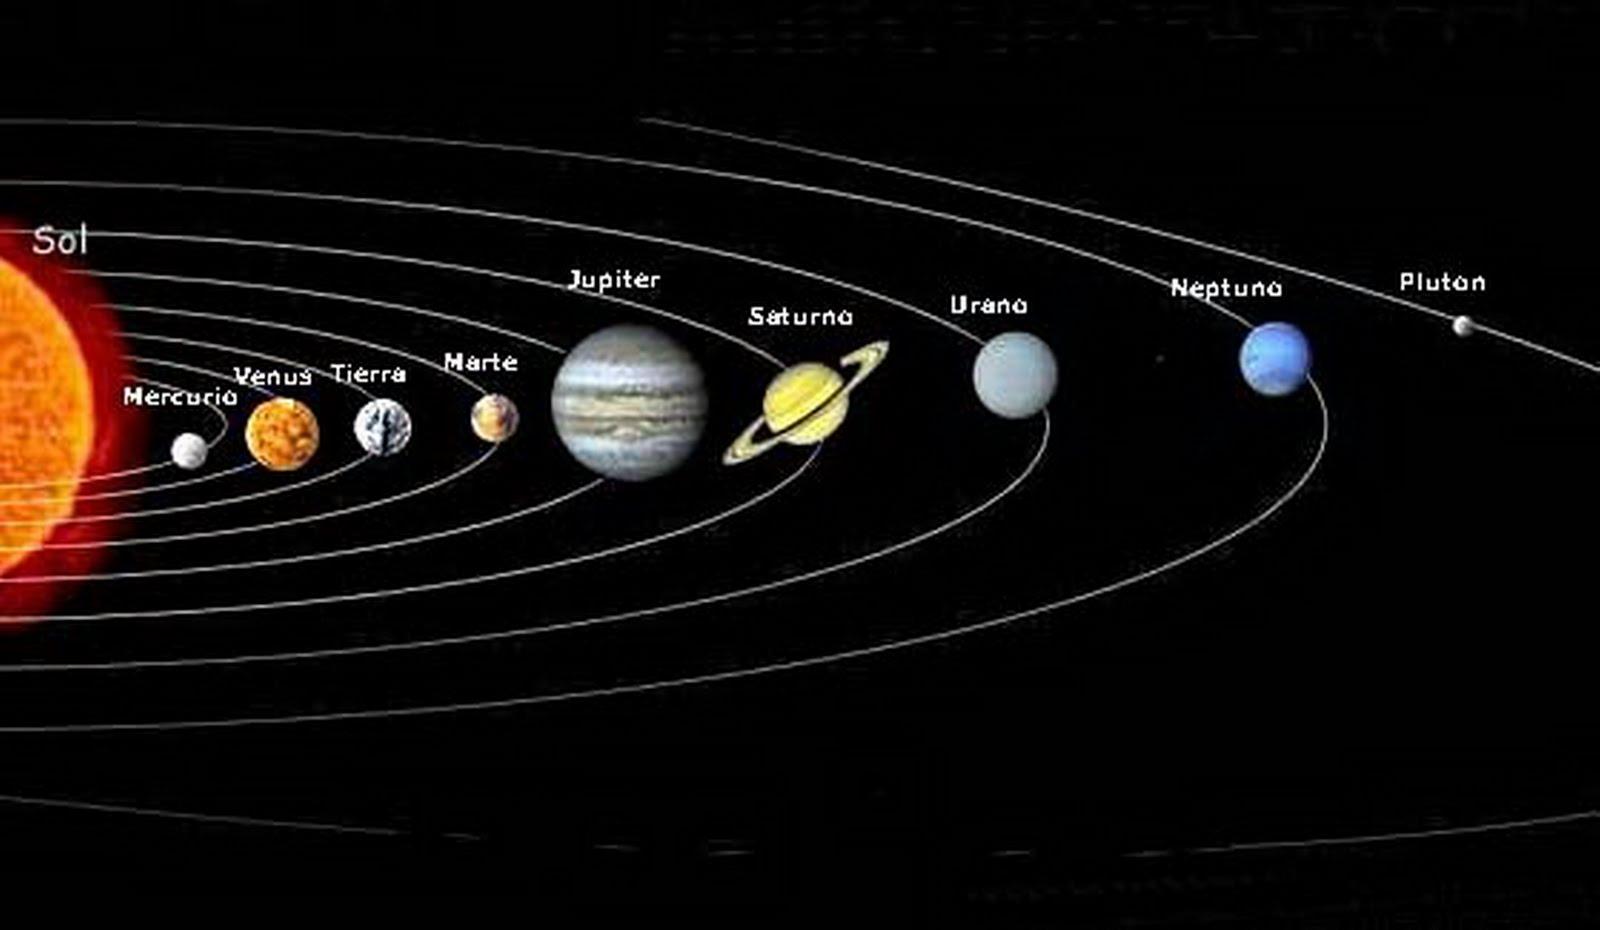 Los Nombres De Los Planetas Inspirados En Zeus Y Otros Dioses Griegos Greciaaplicada Infobae Com